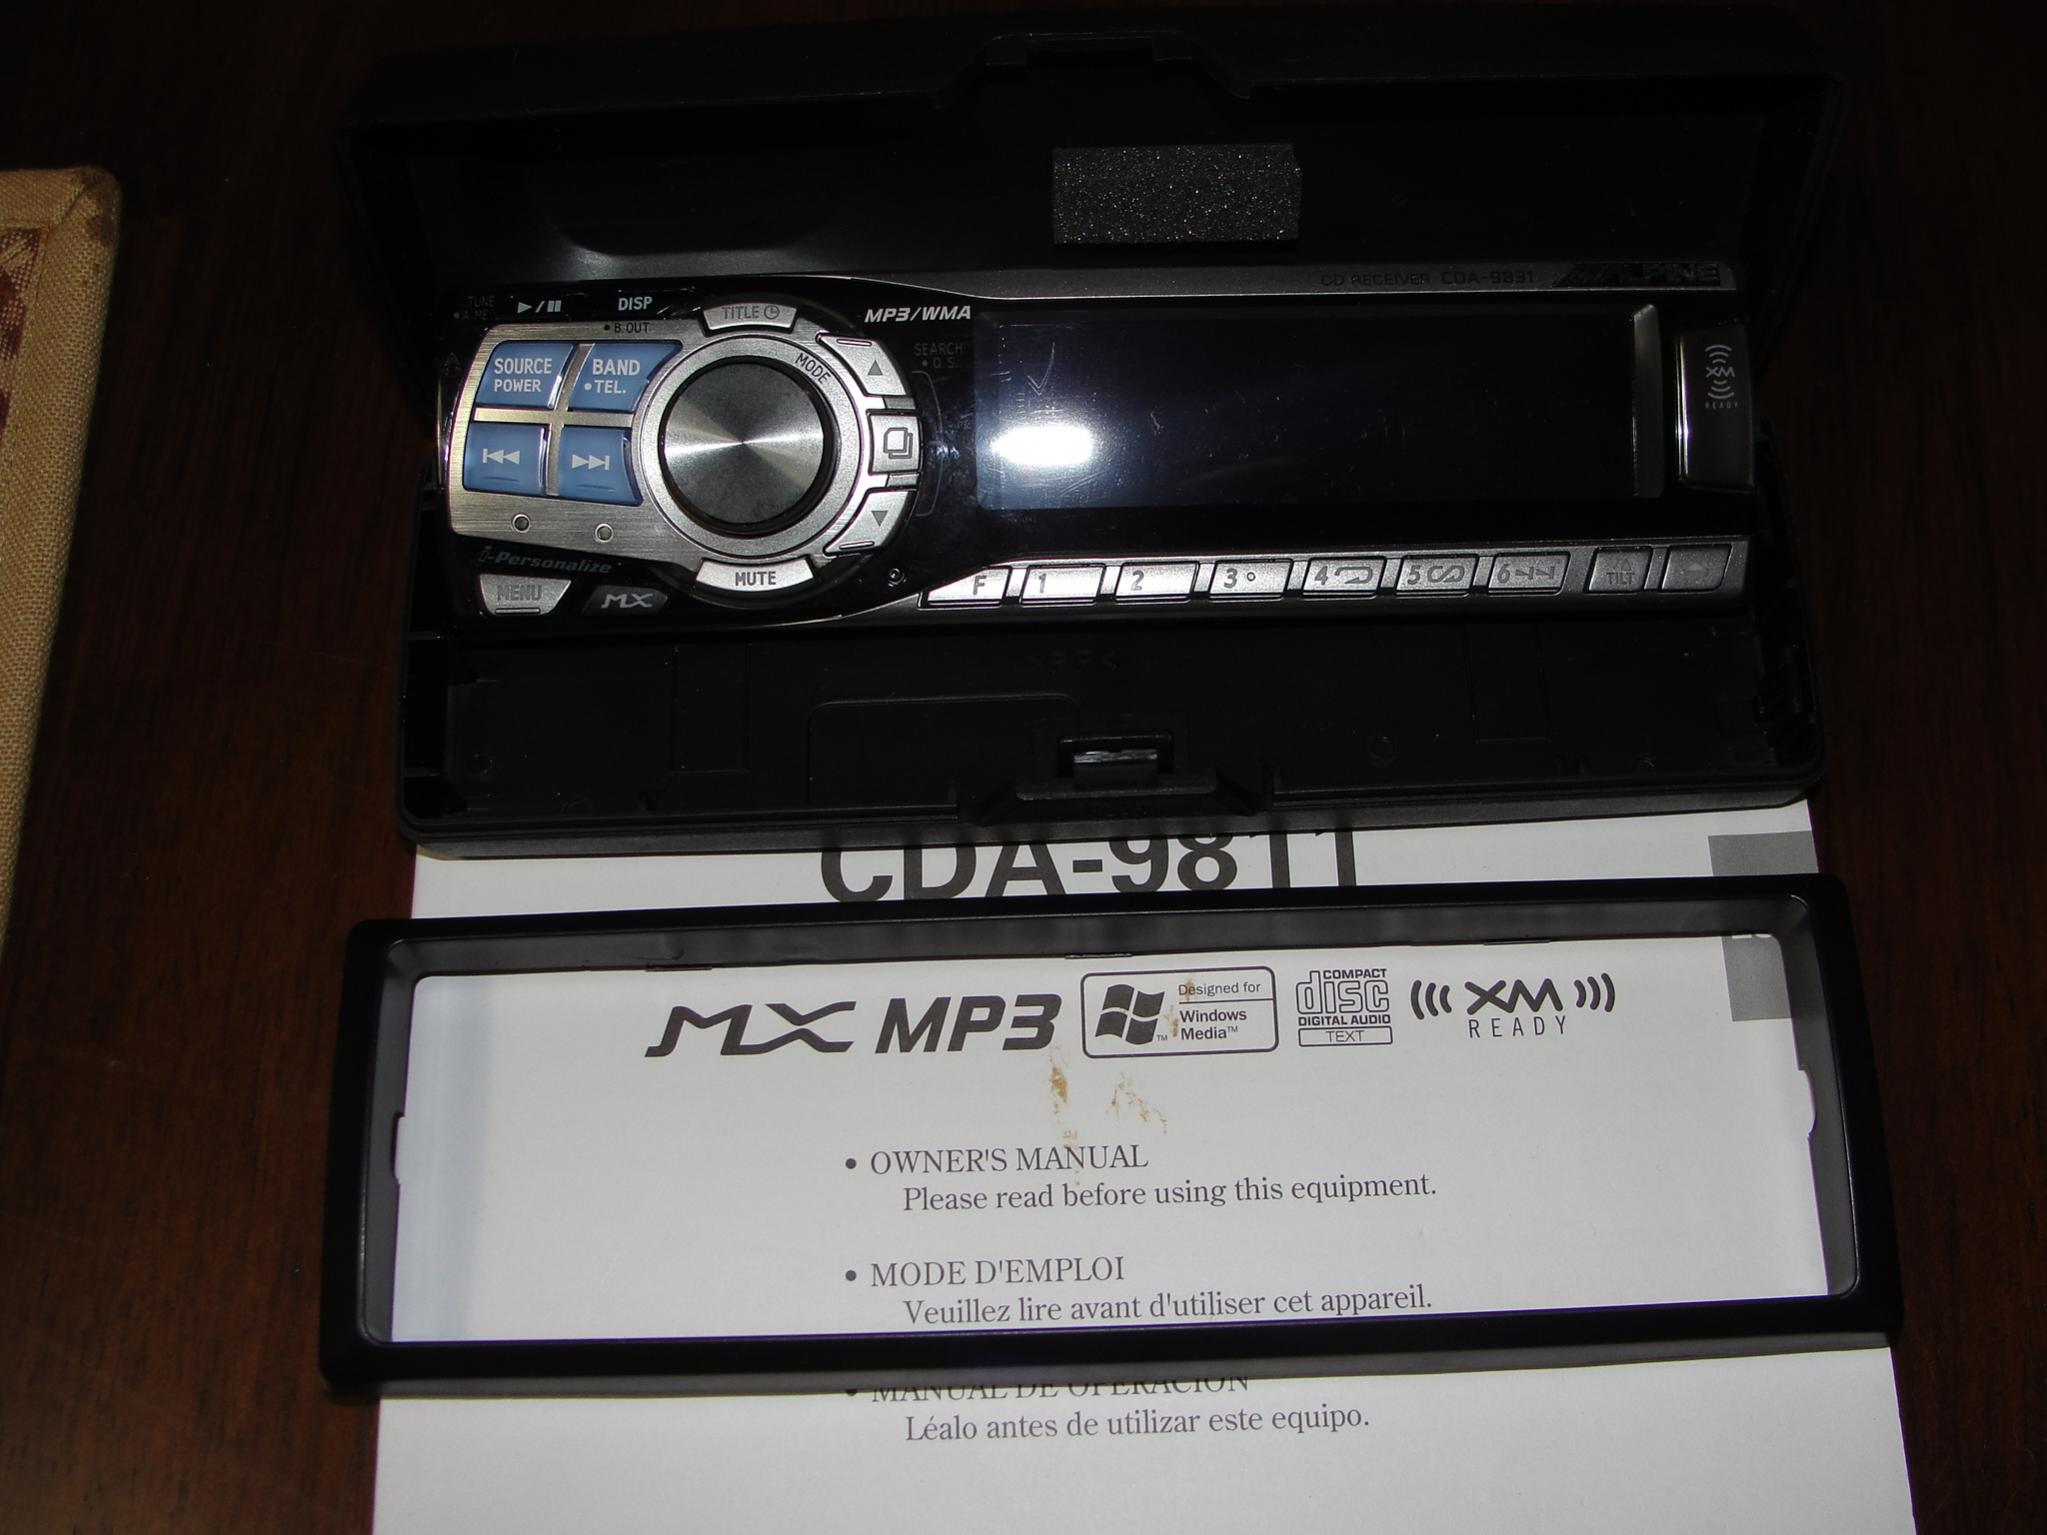 alpine cda 9831 face plate r c tech forums rh rctech net alpine cda 9831r manual alpine cda 9831r manual